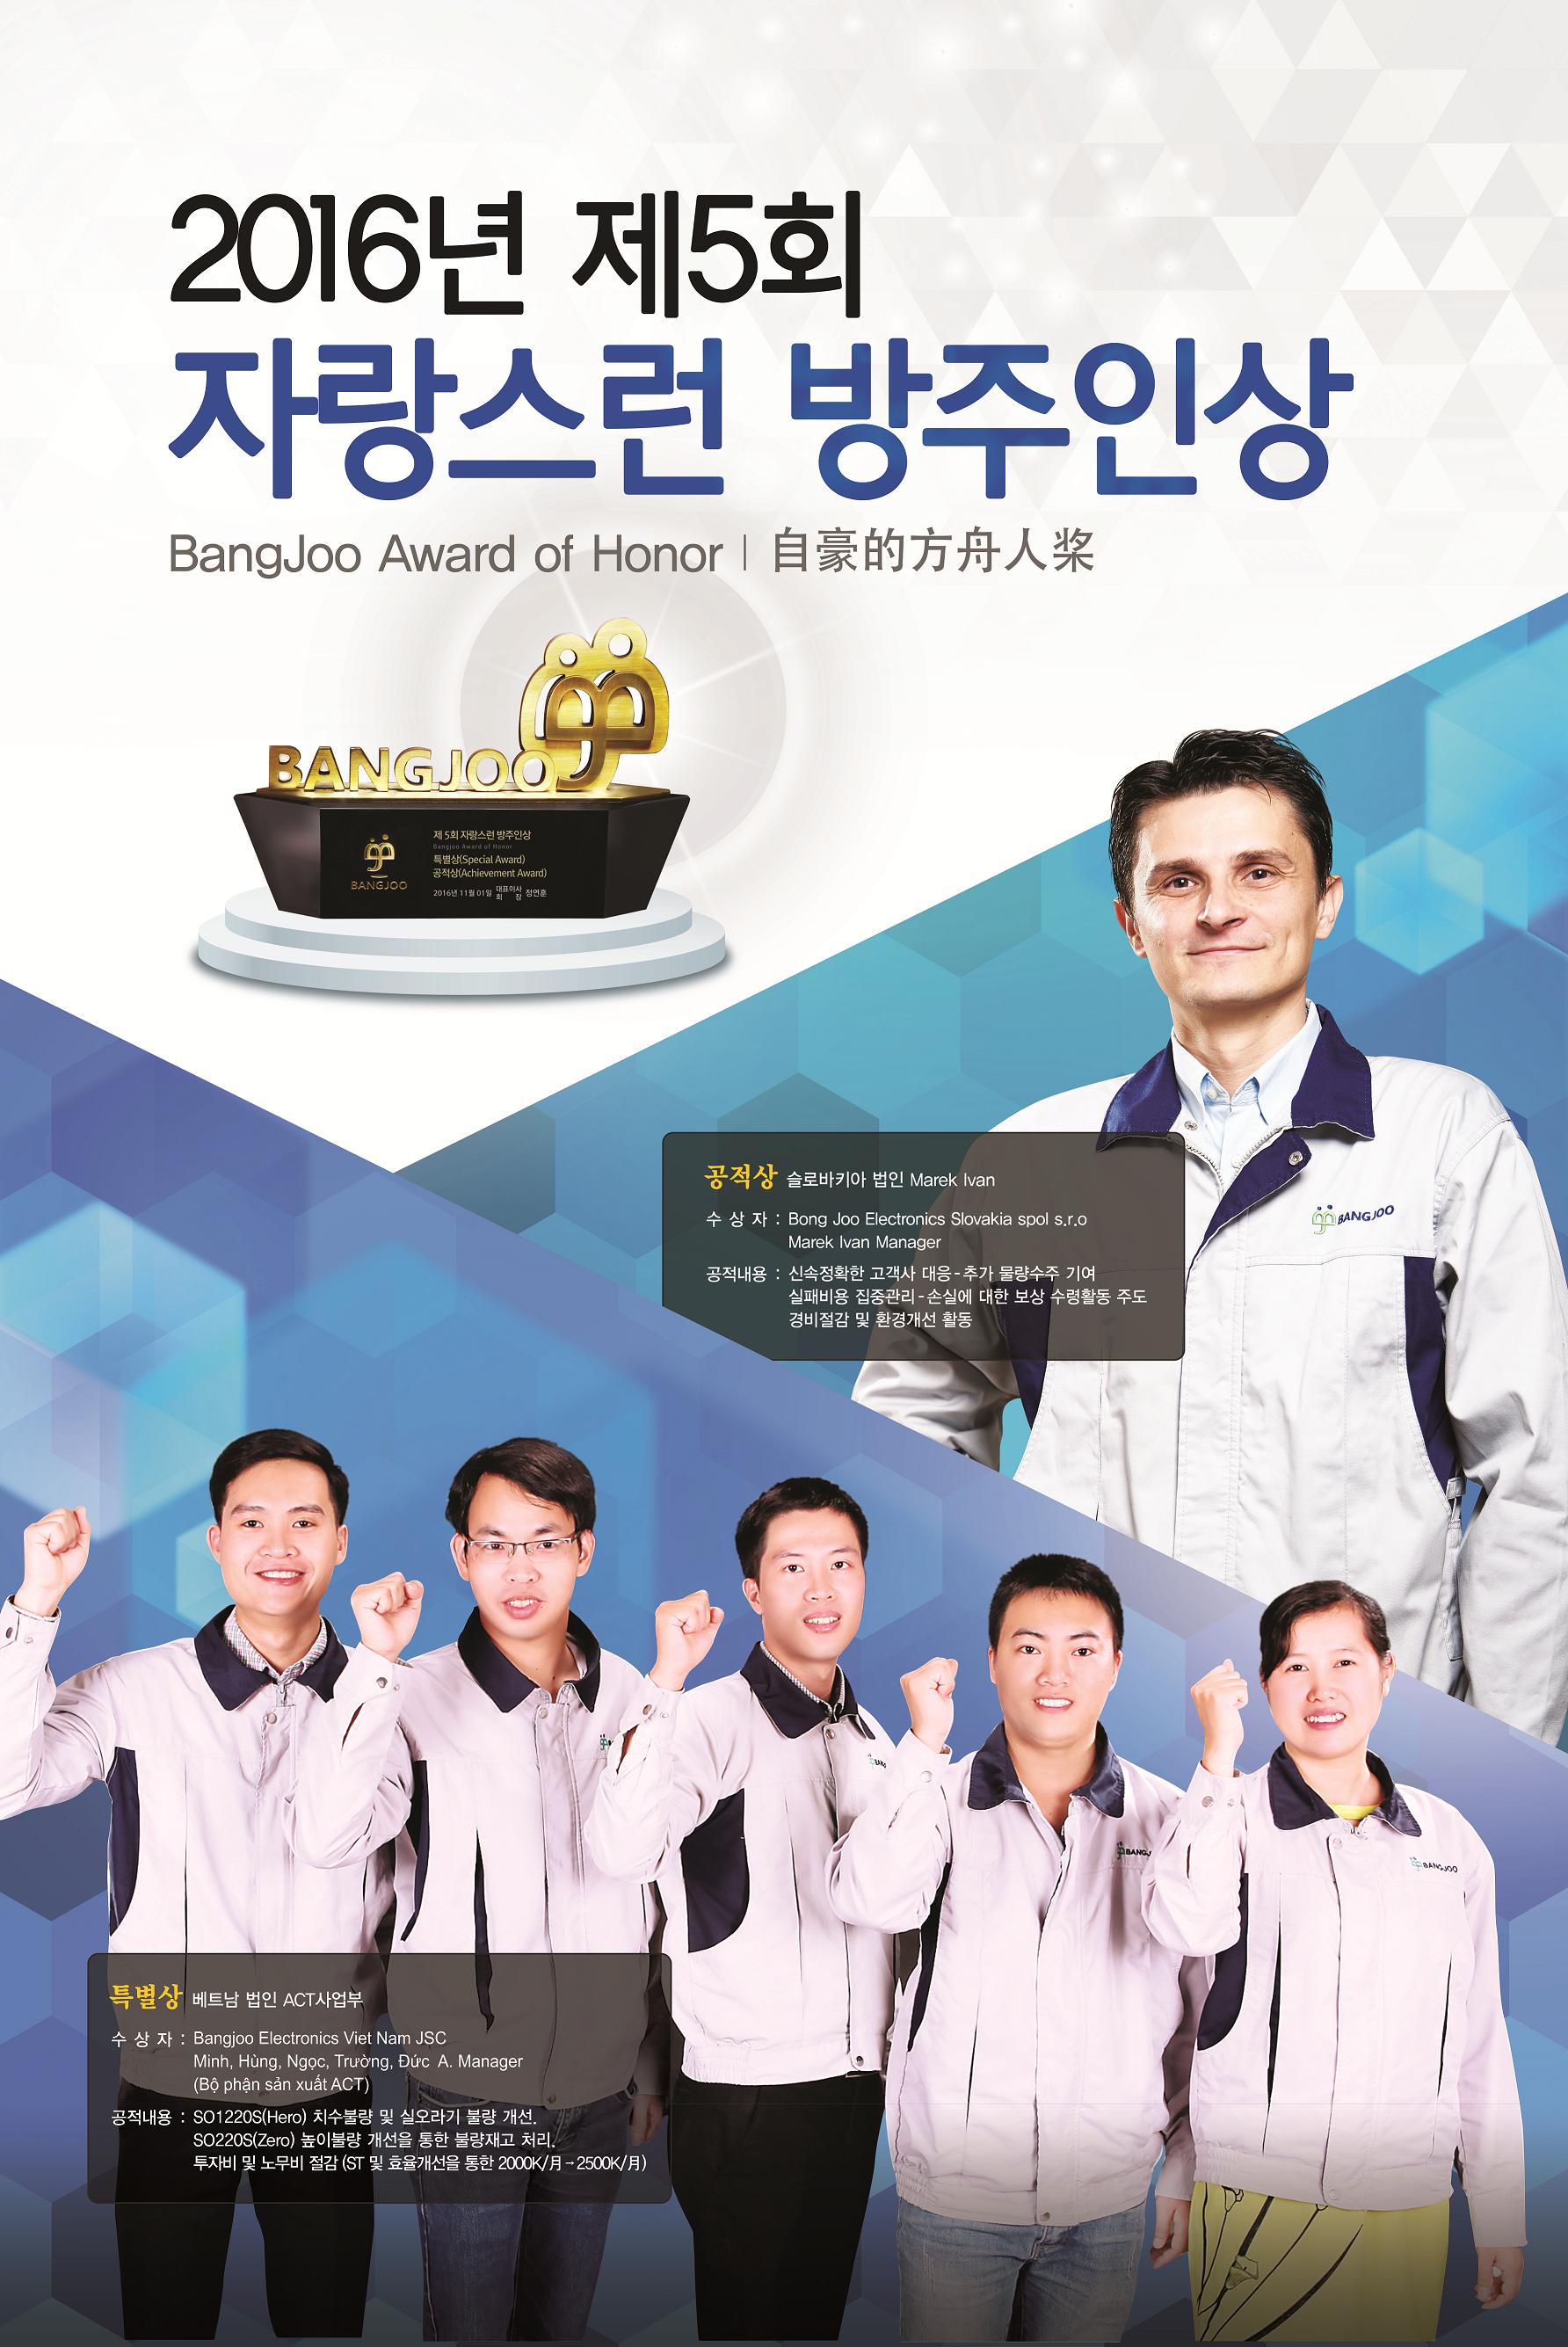 2016 제5회 방주인상 포스터.png